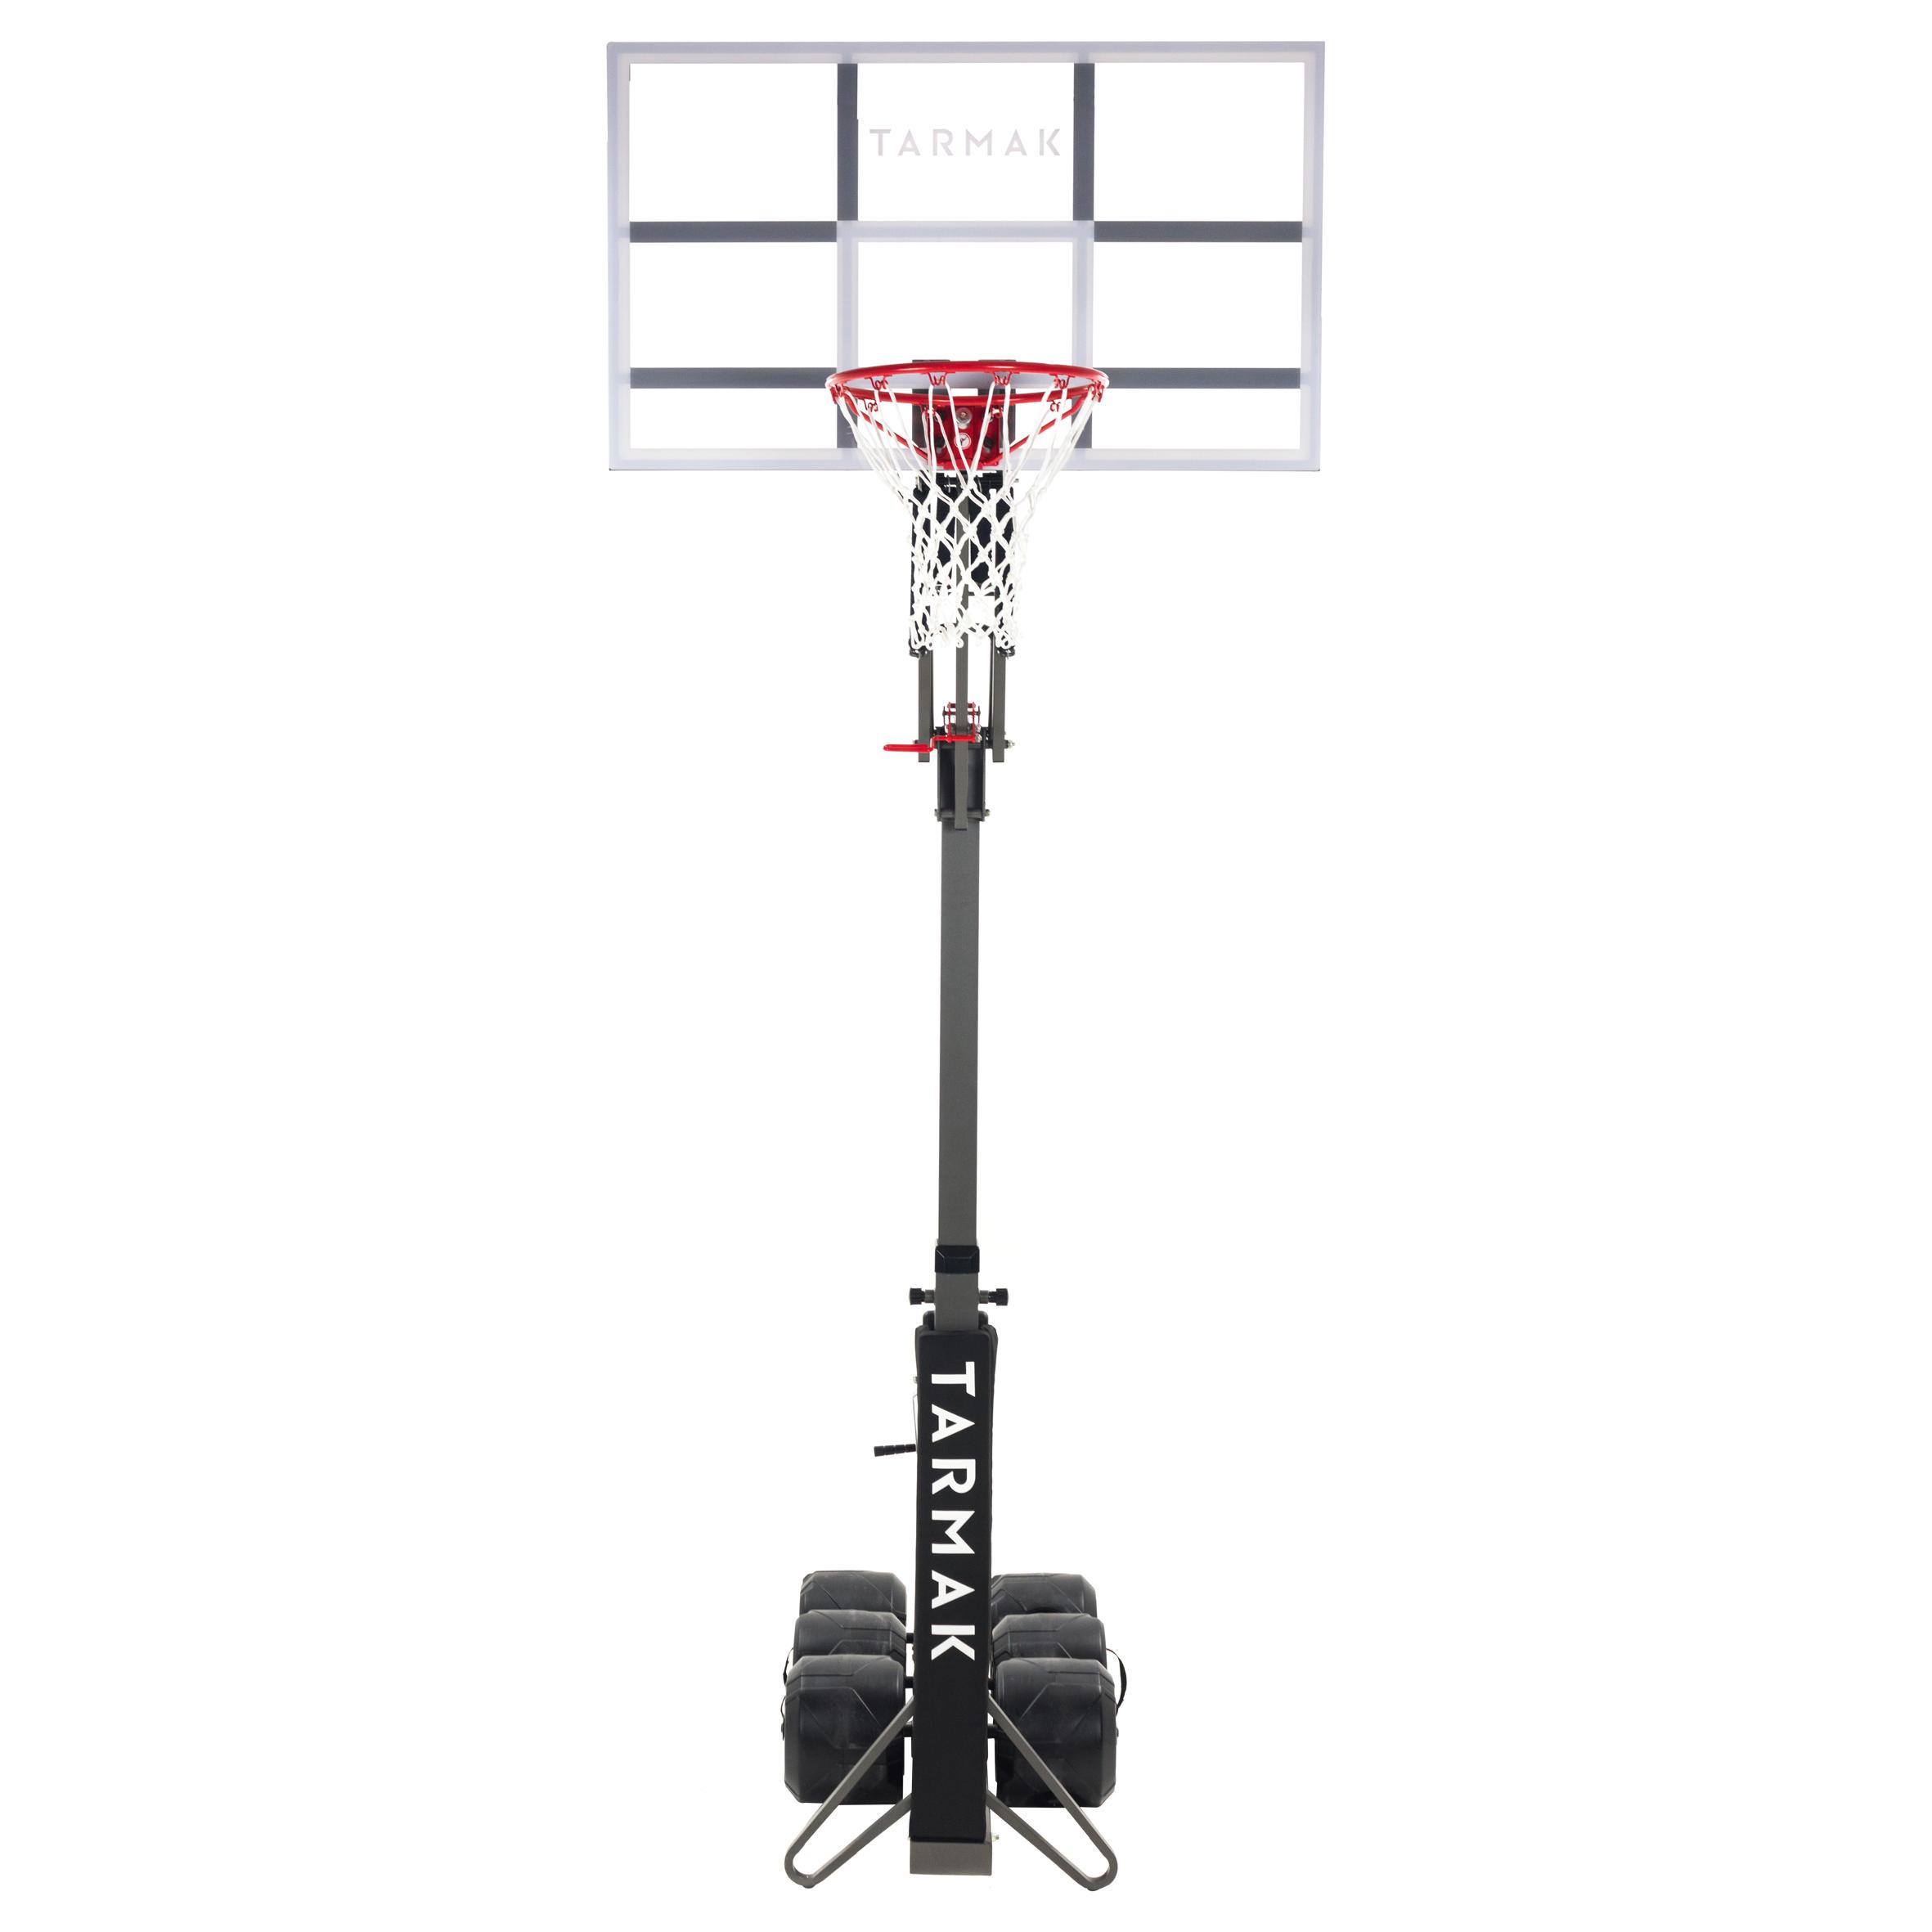 Panier De Basket Enfant Adulte B900 2 40m à 3 05m Se Règle Et Se Range En 2mn Tarmak Decathlon